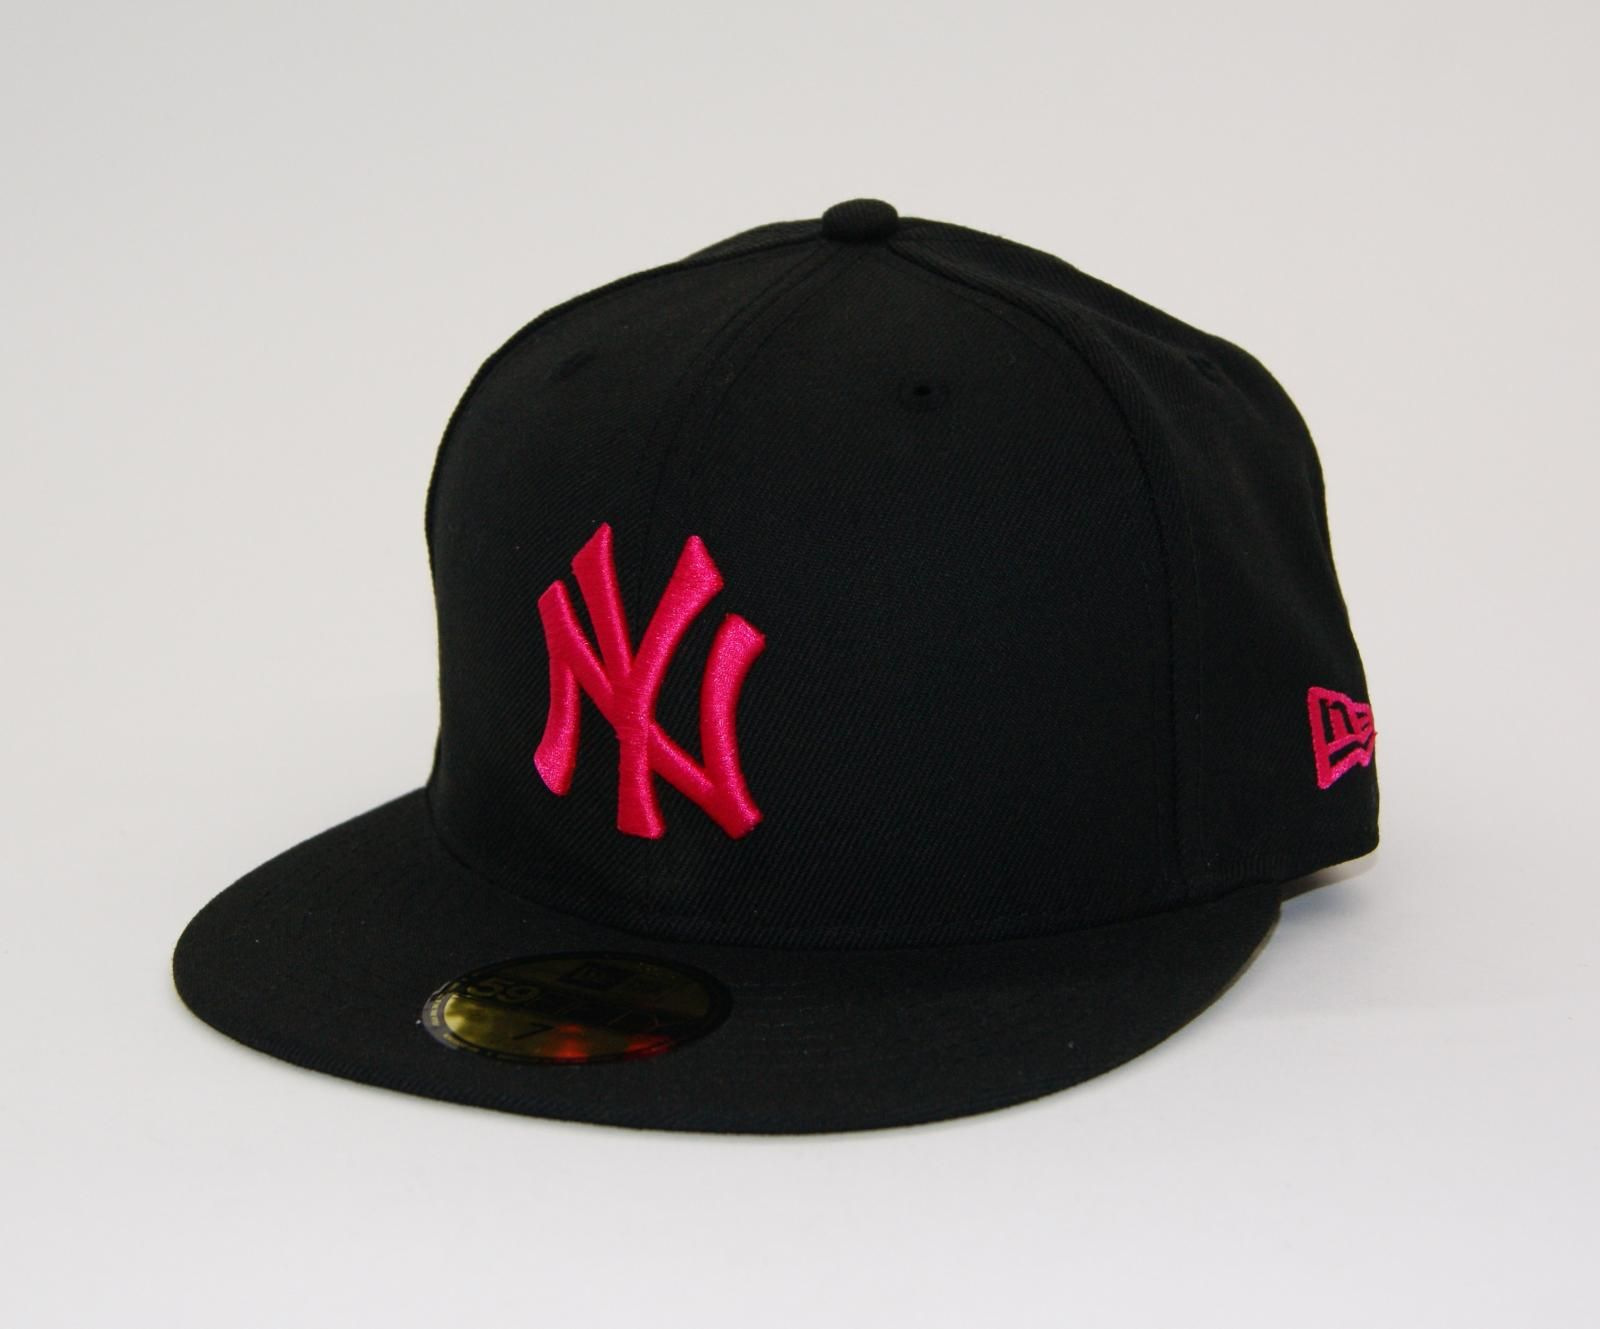 b4daaaa5b2094 Gorras planas New Era originales al mejor precio. Compra online las gorras  del momento